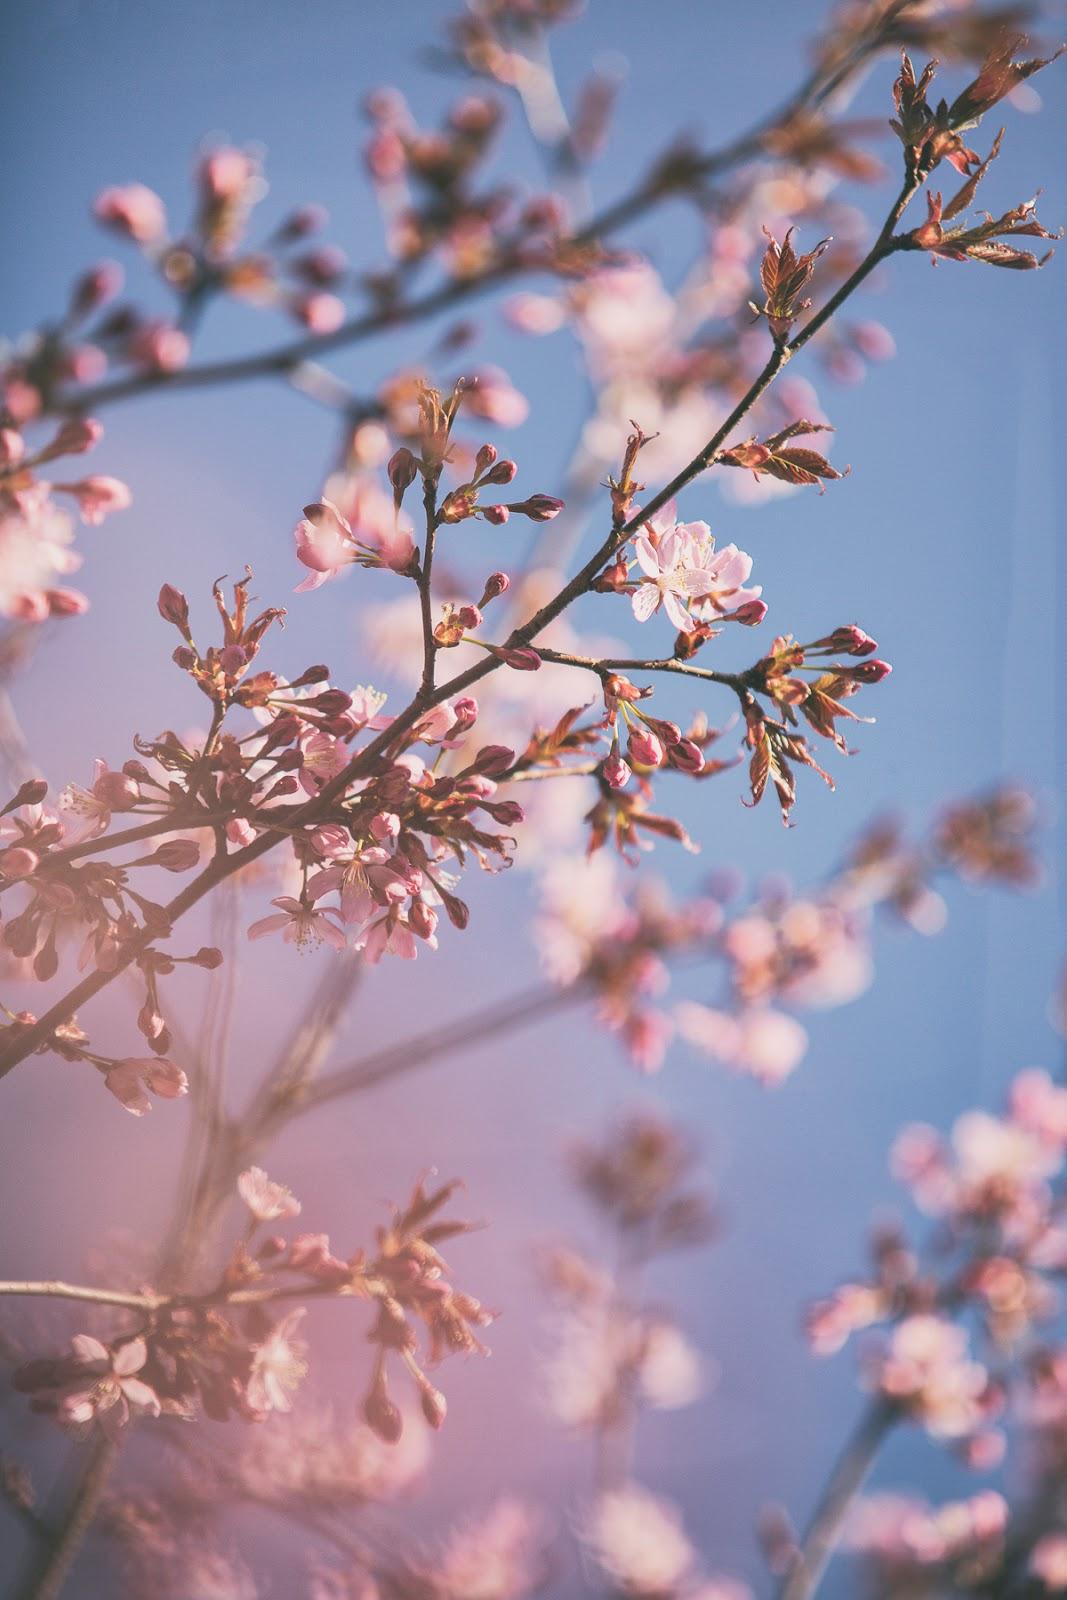 Helsinki, visithelsinki, finland, suomi, visitfinland, hanami, Roihuvuoren kirsikkapuisto, roihuvuori, kirsikkapuu, puito, nature, cherryblossom, kirskikankukka, kukkiva puu, kukat, valokuvaus, valokuvaaja, Frida Steiner, visualaddictfrida, visualaddict, blog, valokuvaaminen, kevät, luonto, nature, naturephotography, luontokuvaus